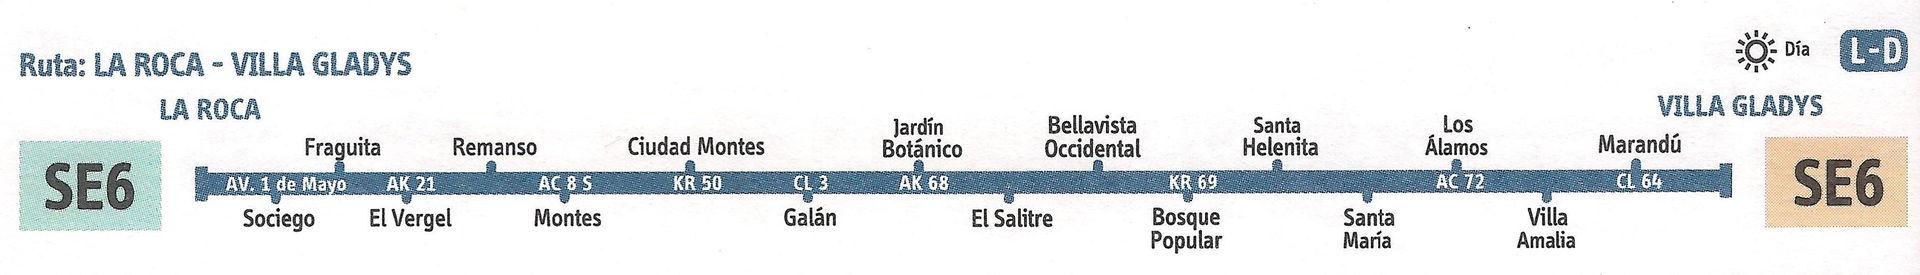 Ruta SITP: SE6 Villa Gladys ↔ La Roca [Urbana] 1